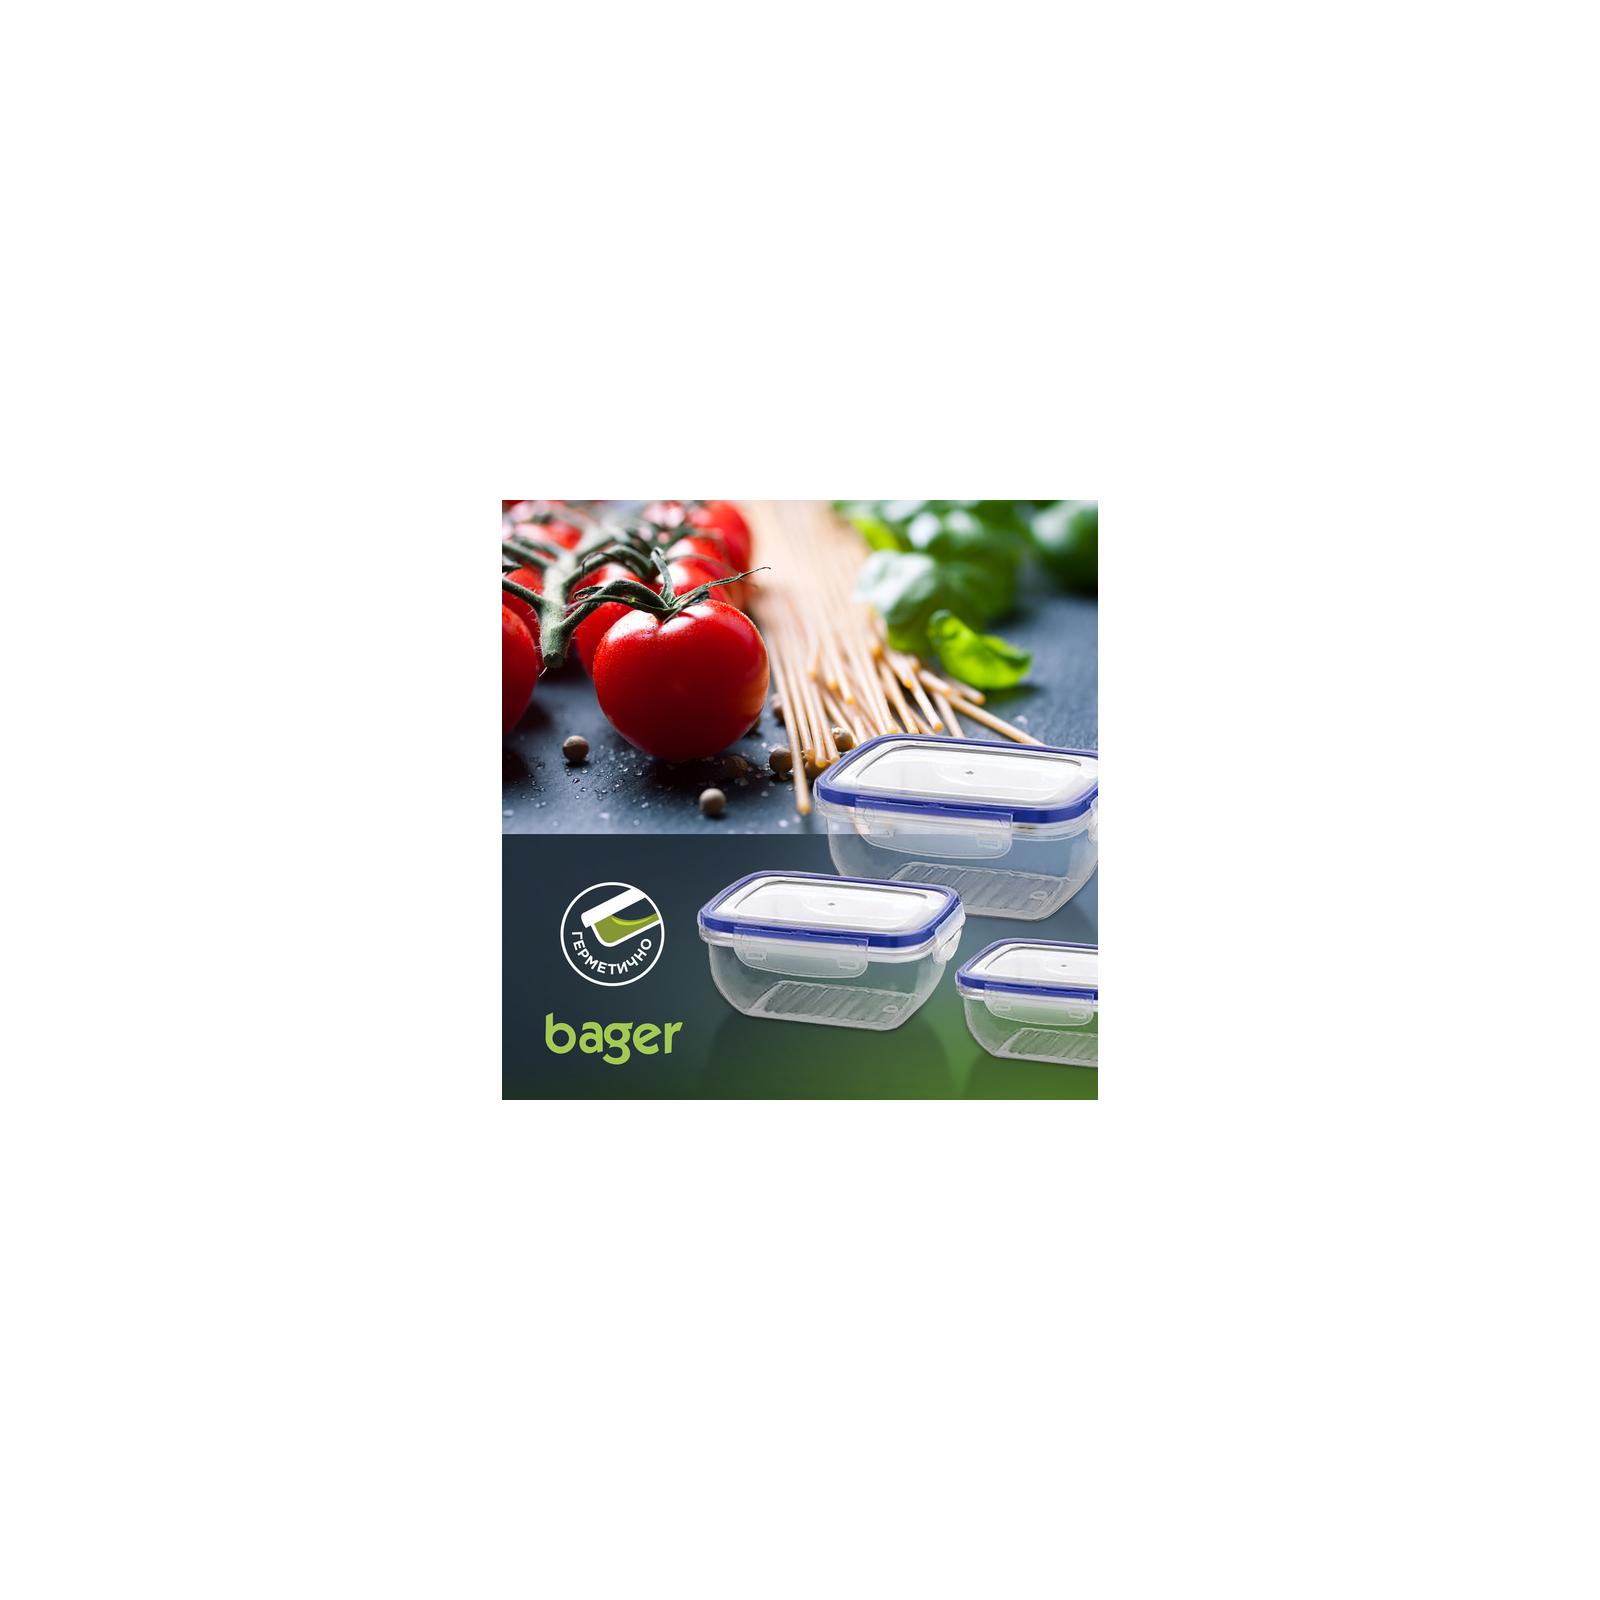 Пищевой контейнер Bager Cook&Lock 3 шт 0.4, 0.8, 1.35 л (BG-518) изображение 3